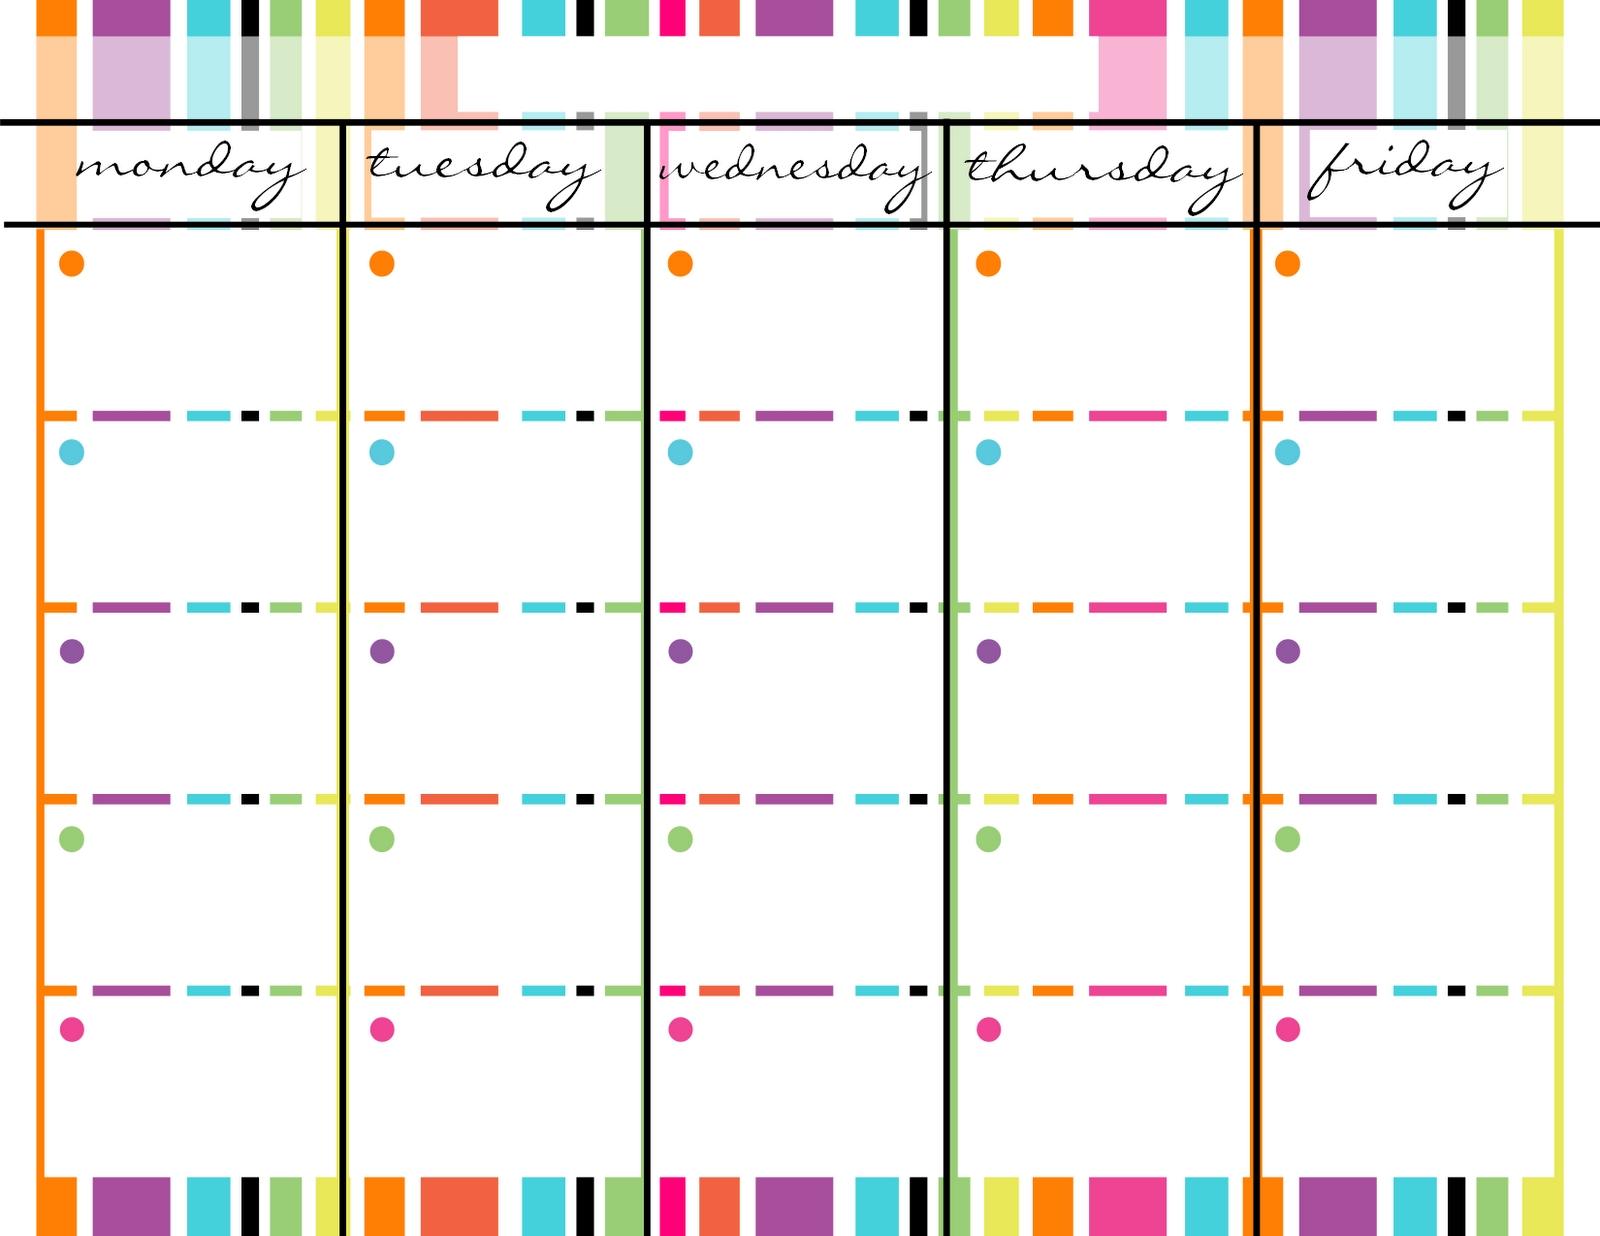 Blank Monday Through Friday Printable Calendar | School-Calendar Template Monday Through Friday